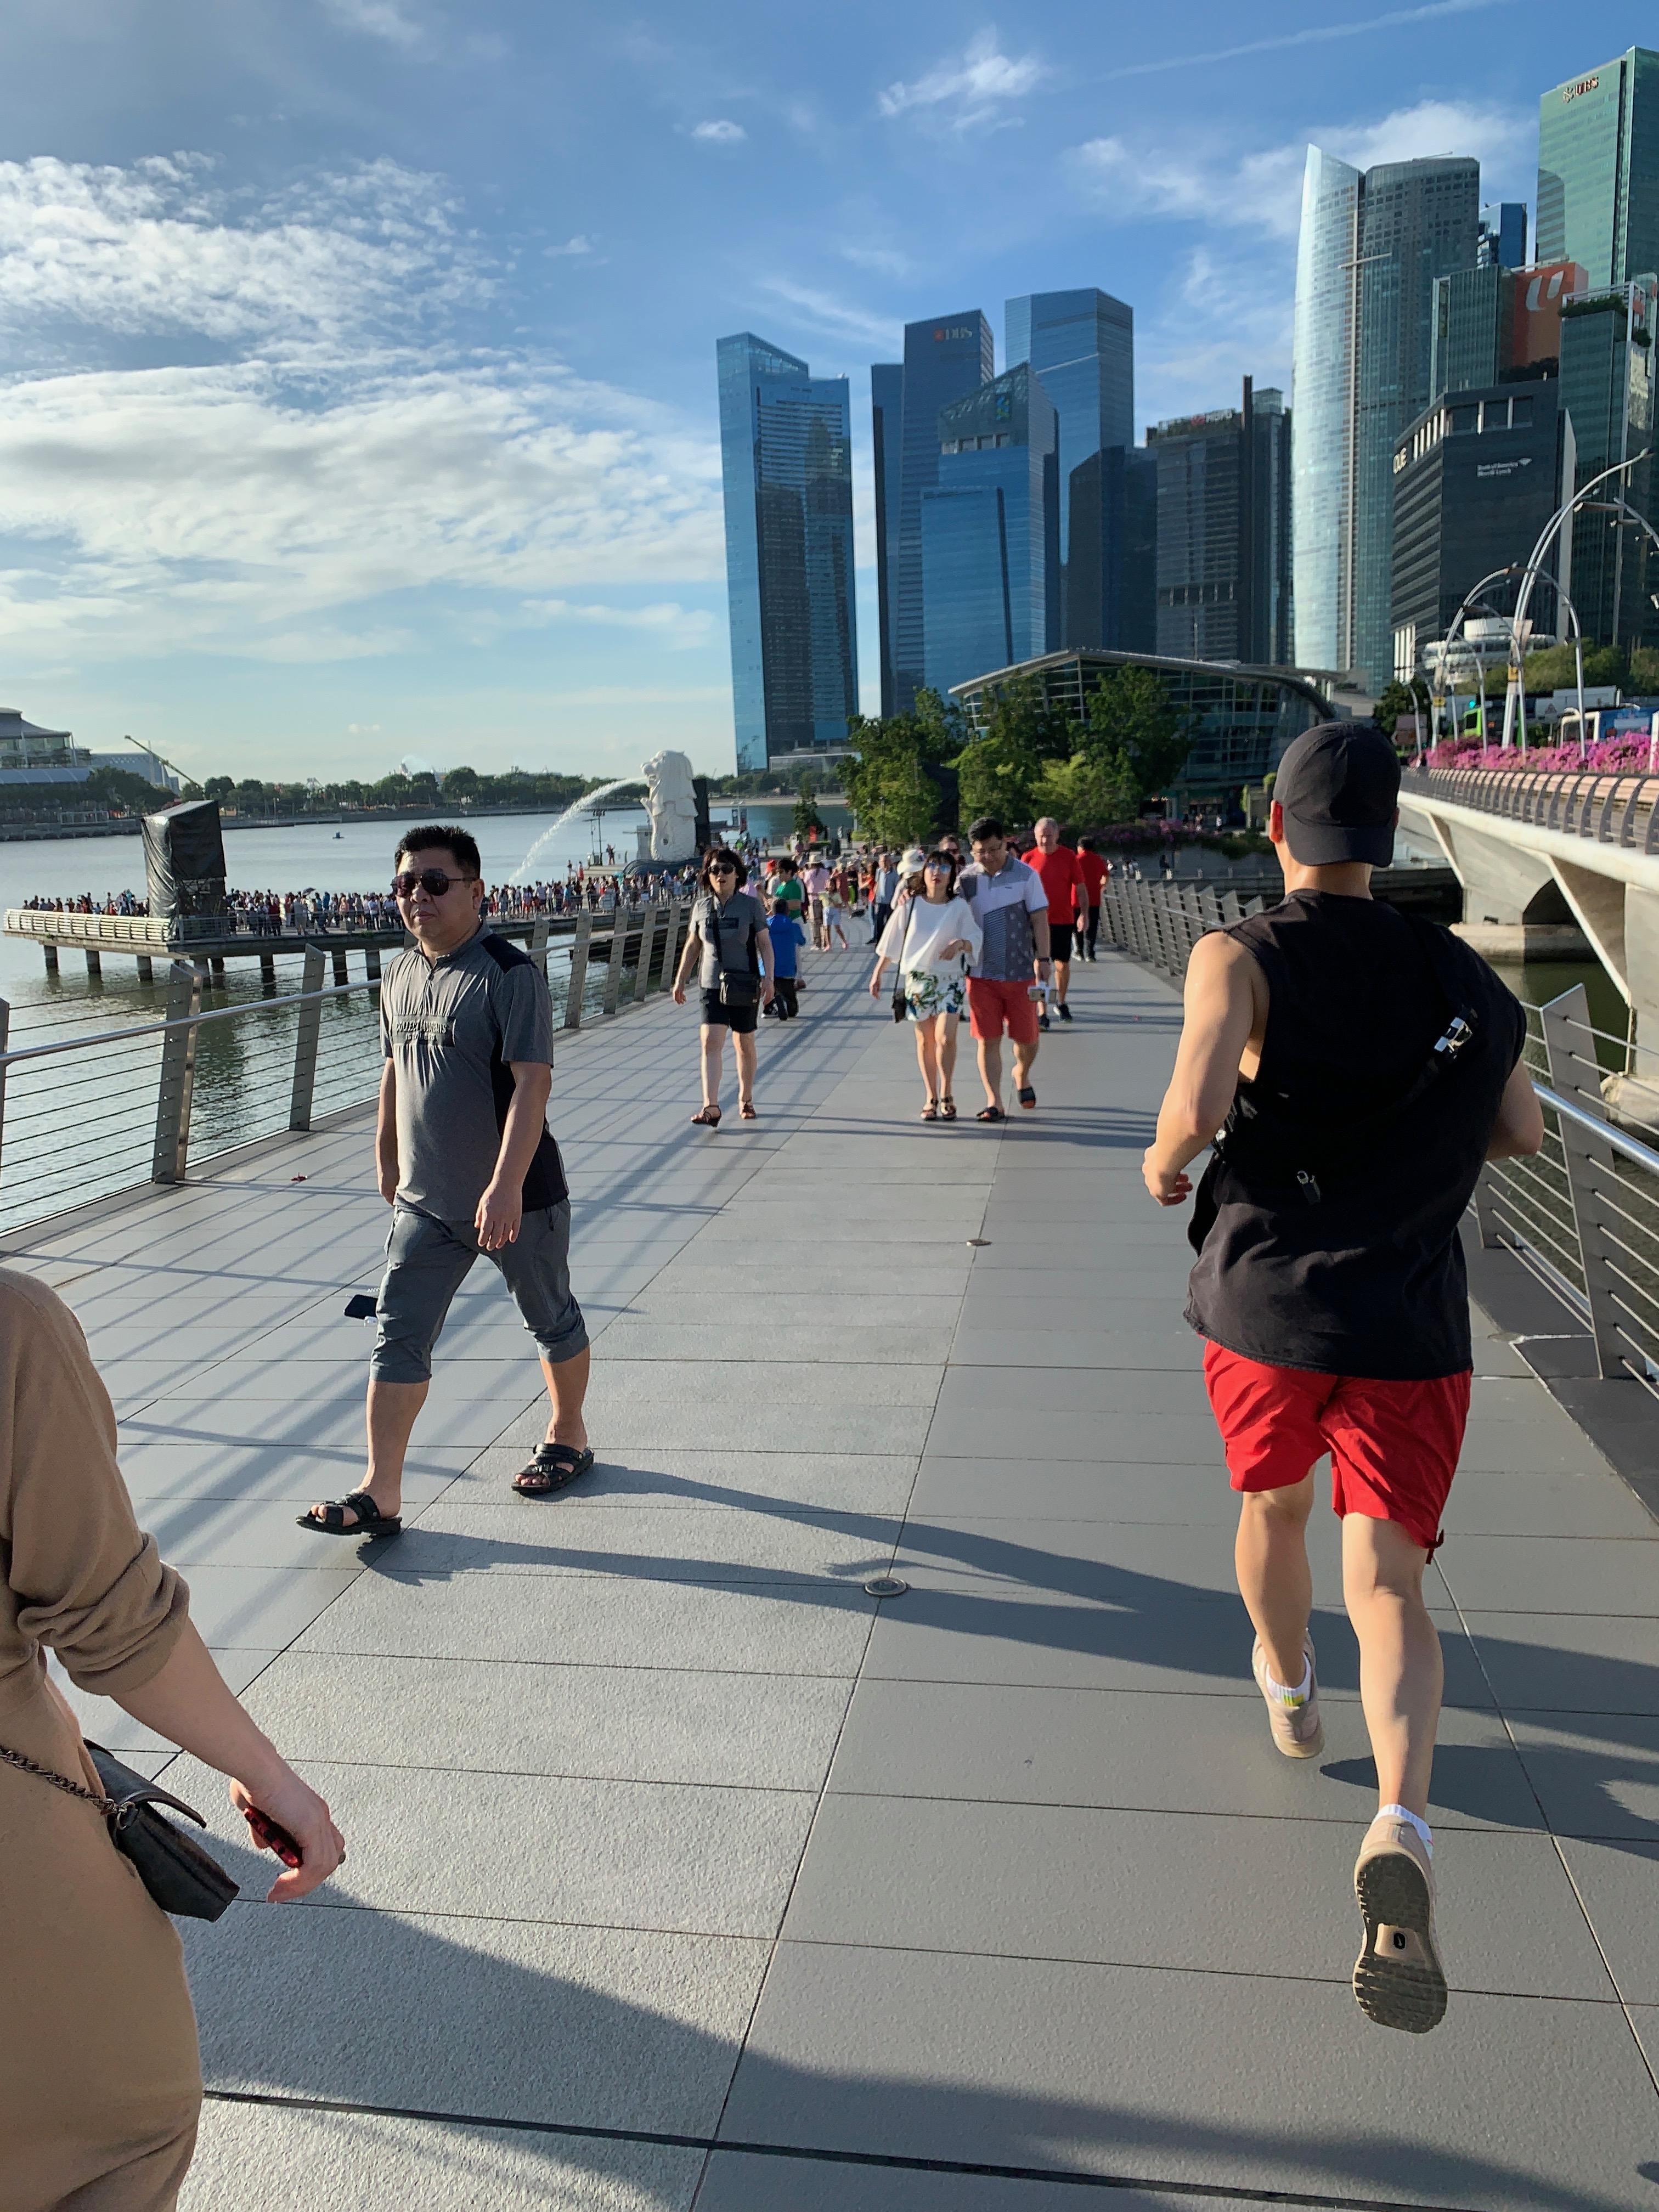 Run to you, 싱가포르